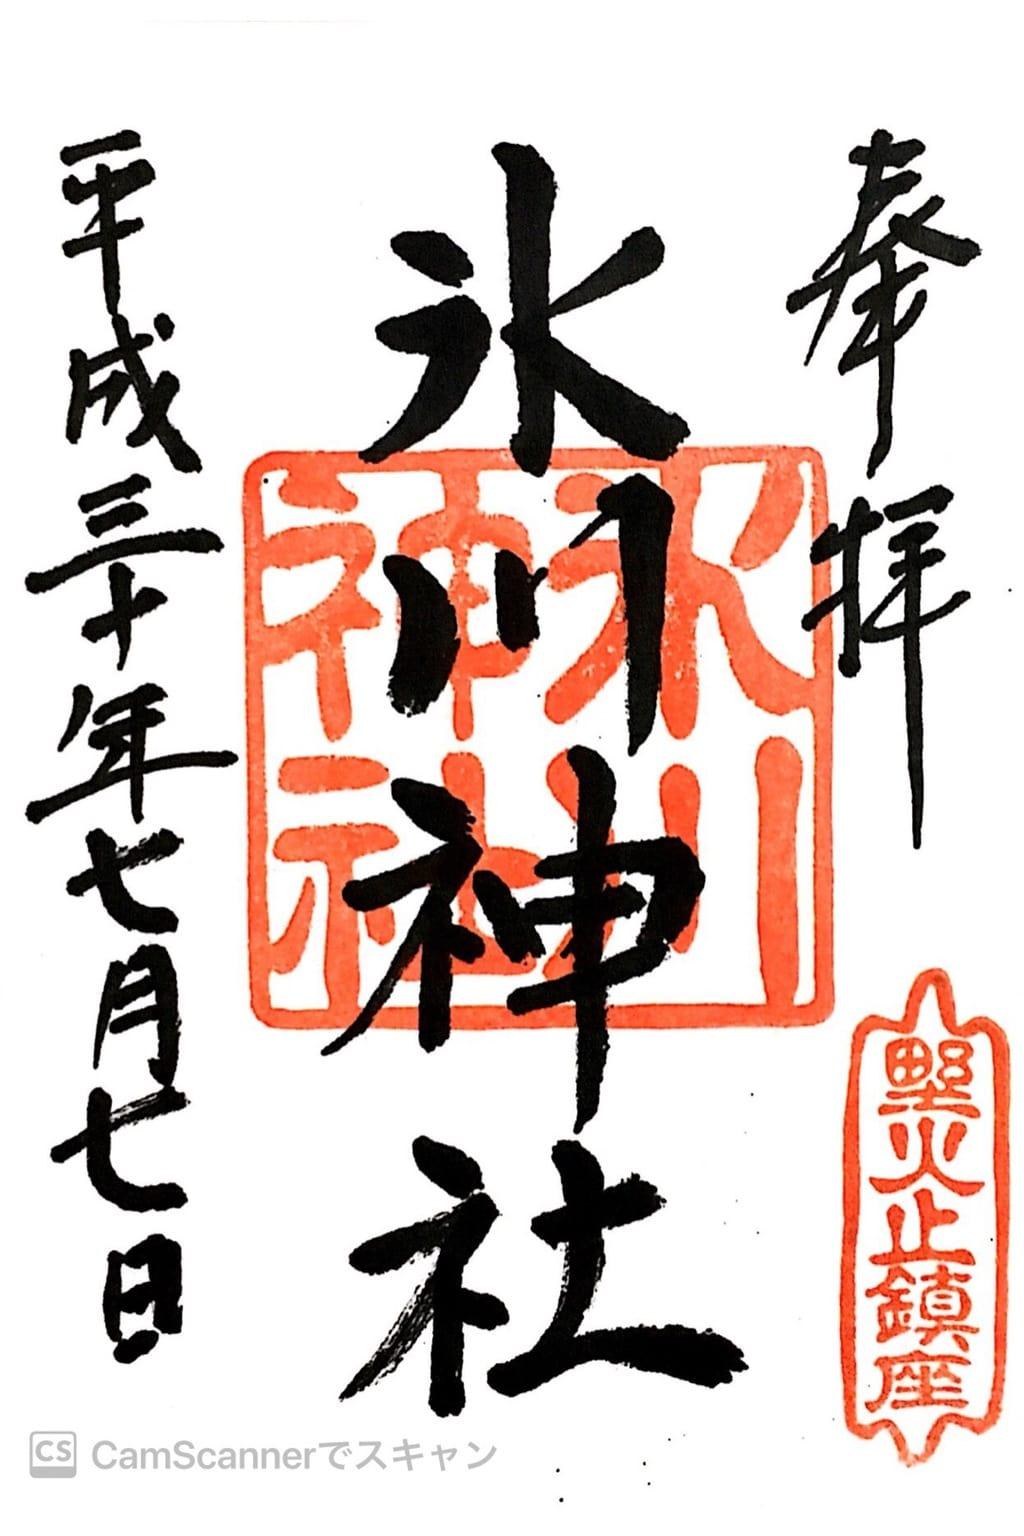 野火止氷川神社の御朱印